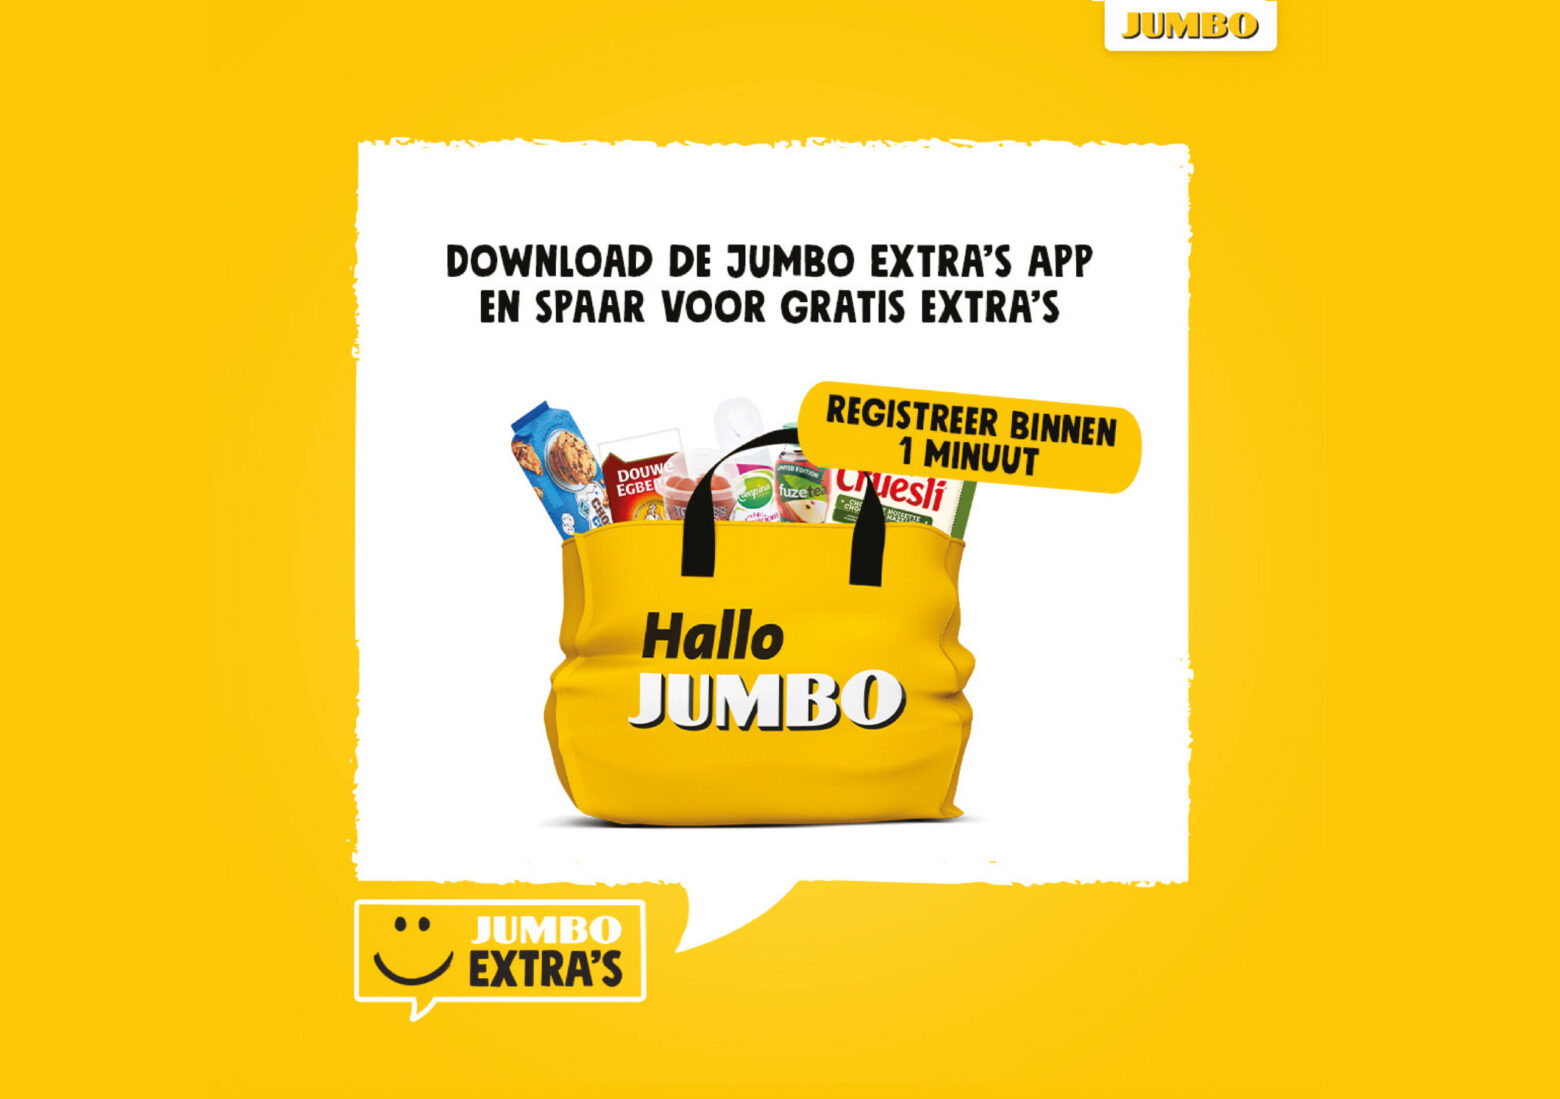 Download de Jumbo Extra's